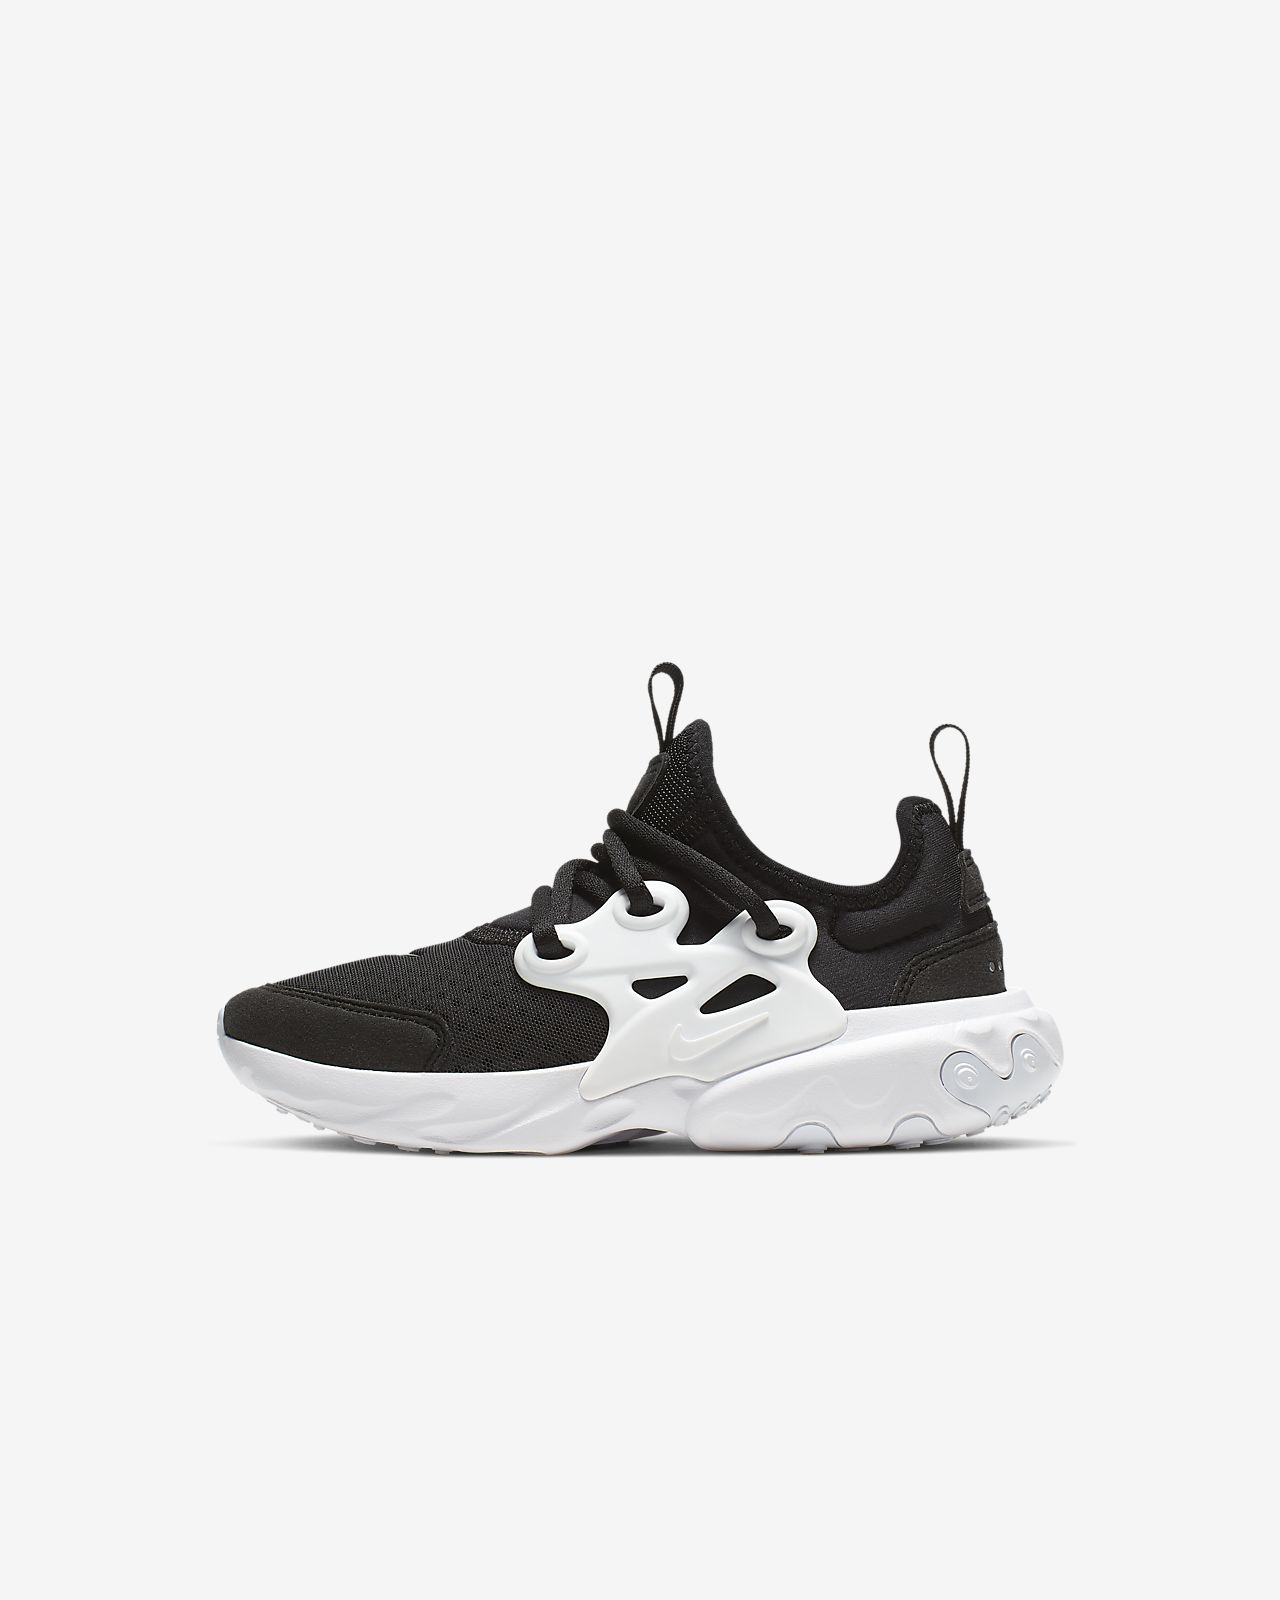 Nike RT Presto Küçük Çocuk Ayakkabısı